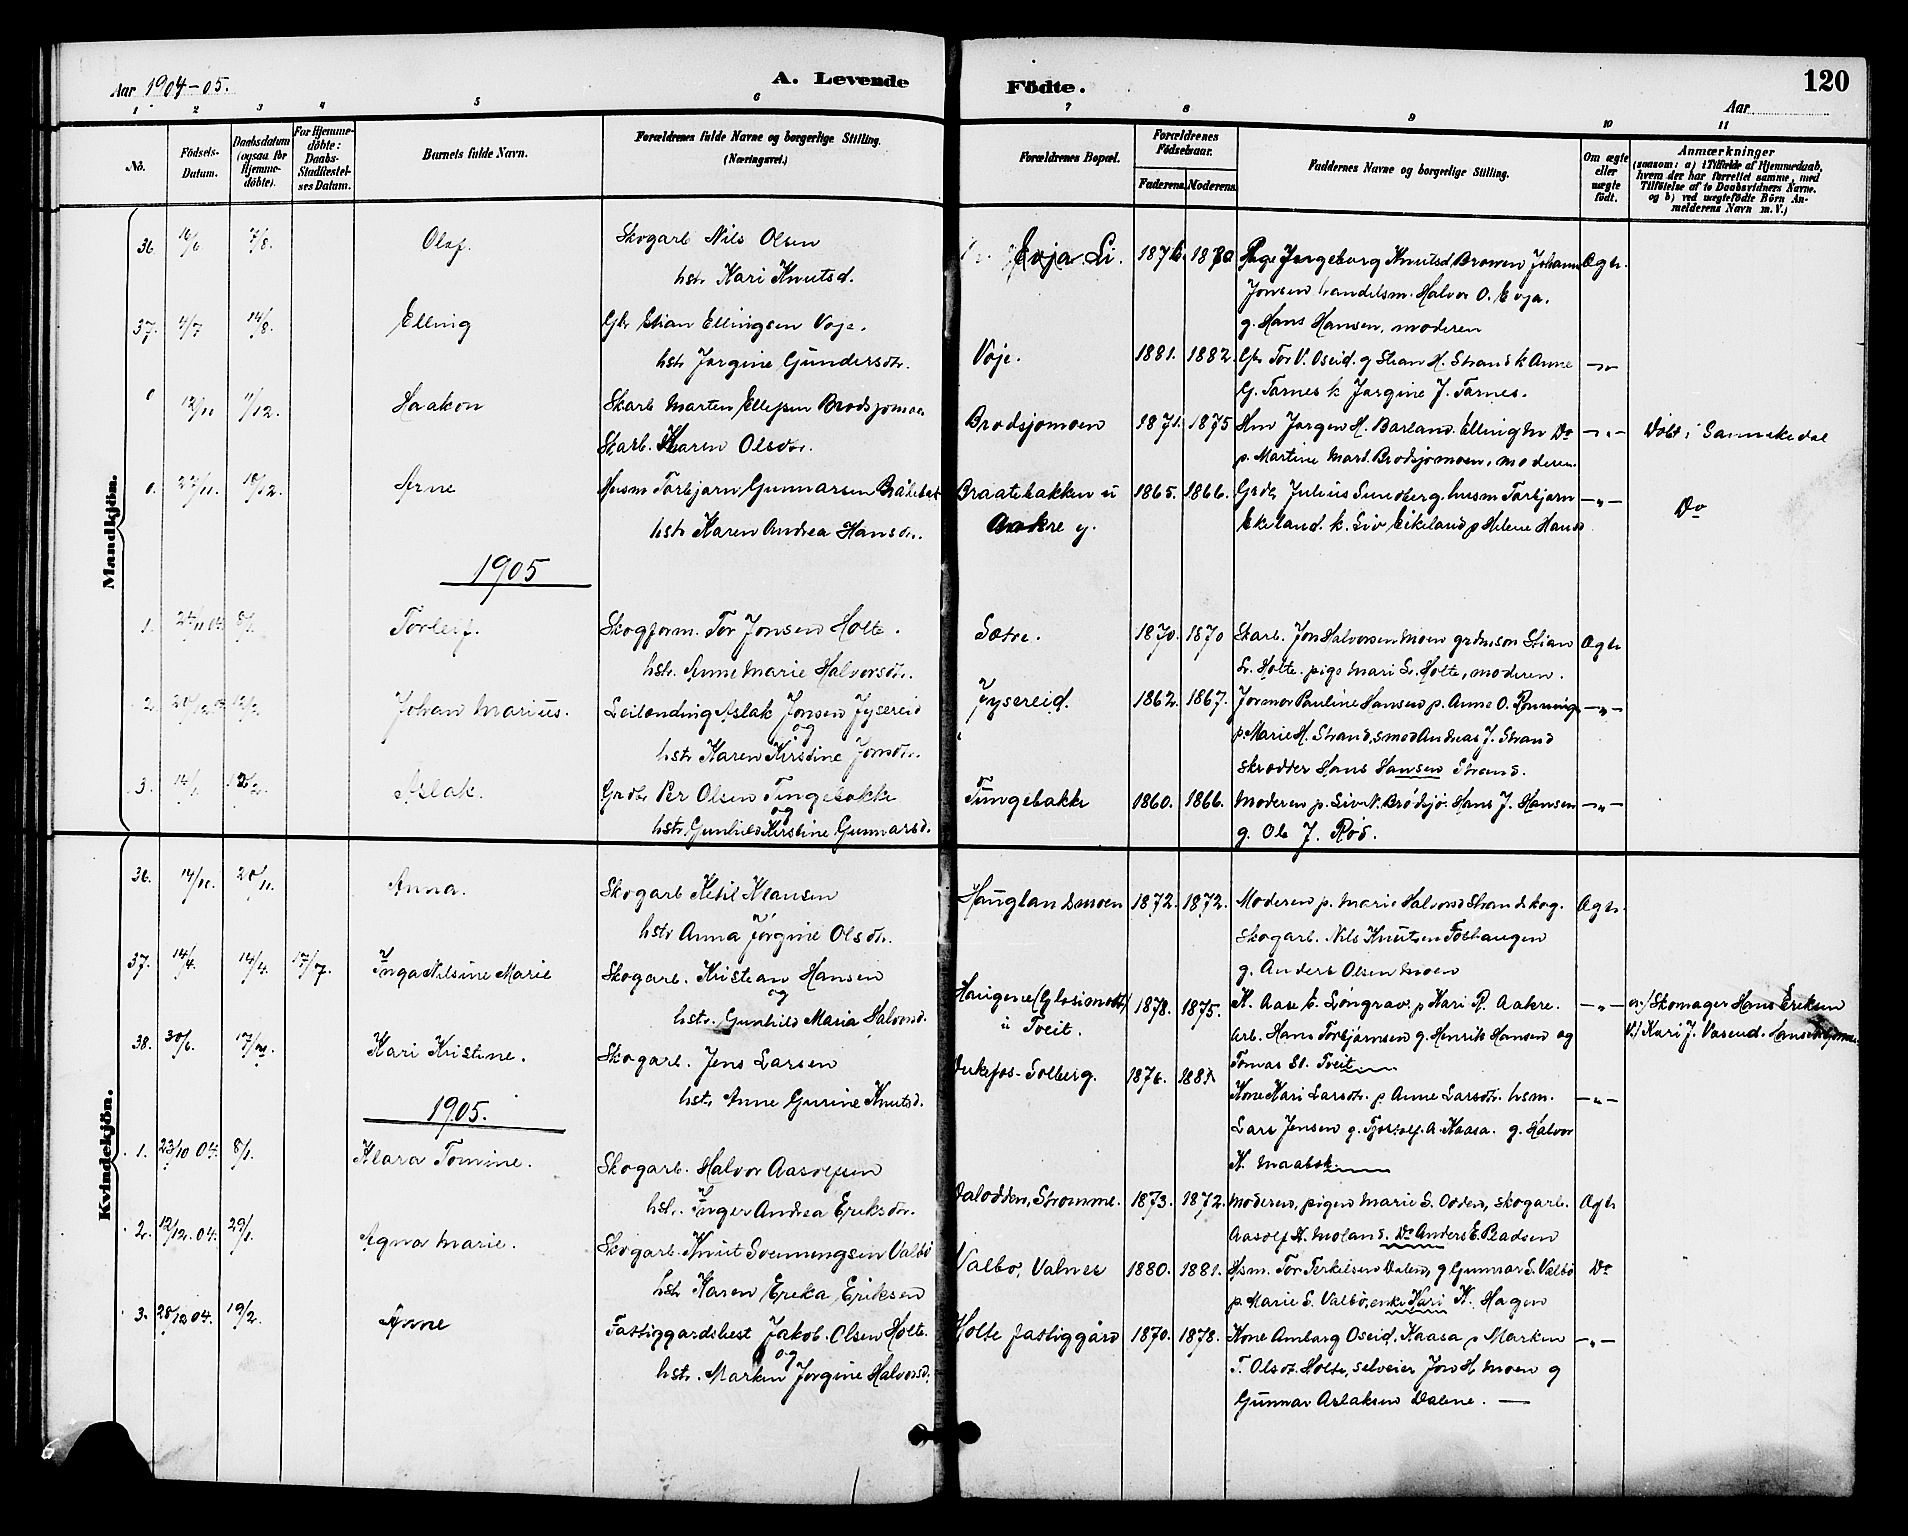 SAKO, Drangedal kirkebøker, G/Ga/L0003: Klokkerbok nr. I 3, 1887-1906, s. 120